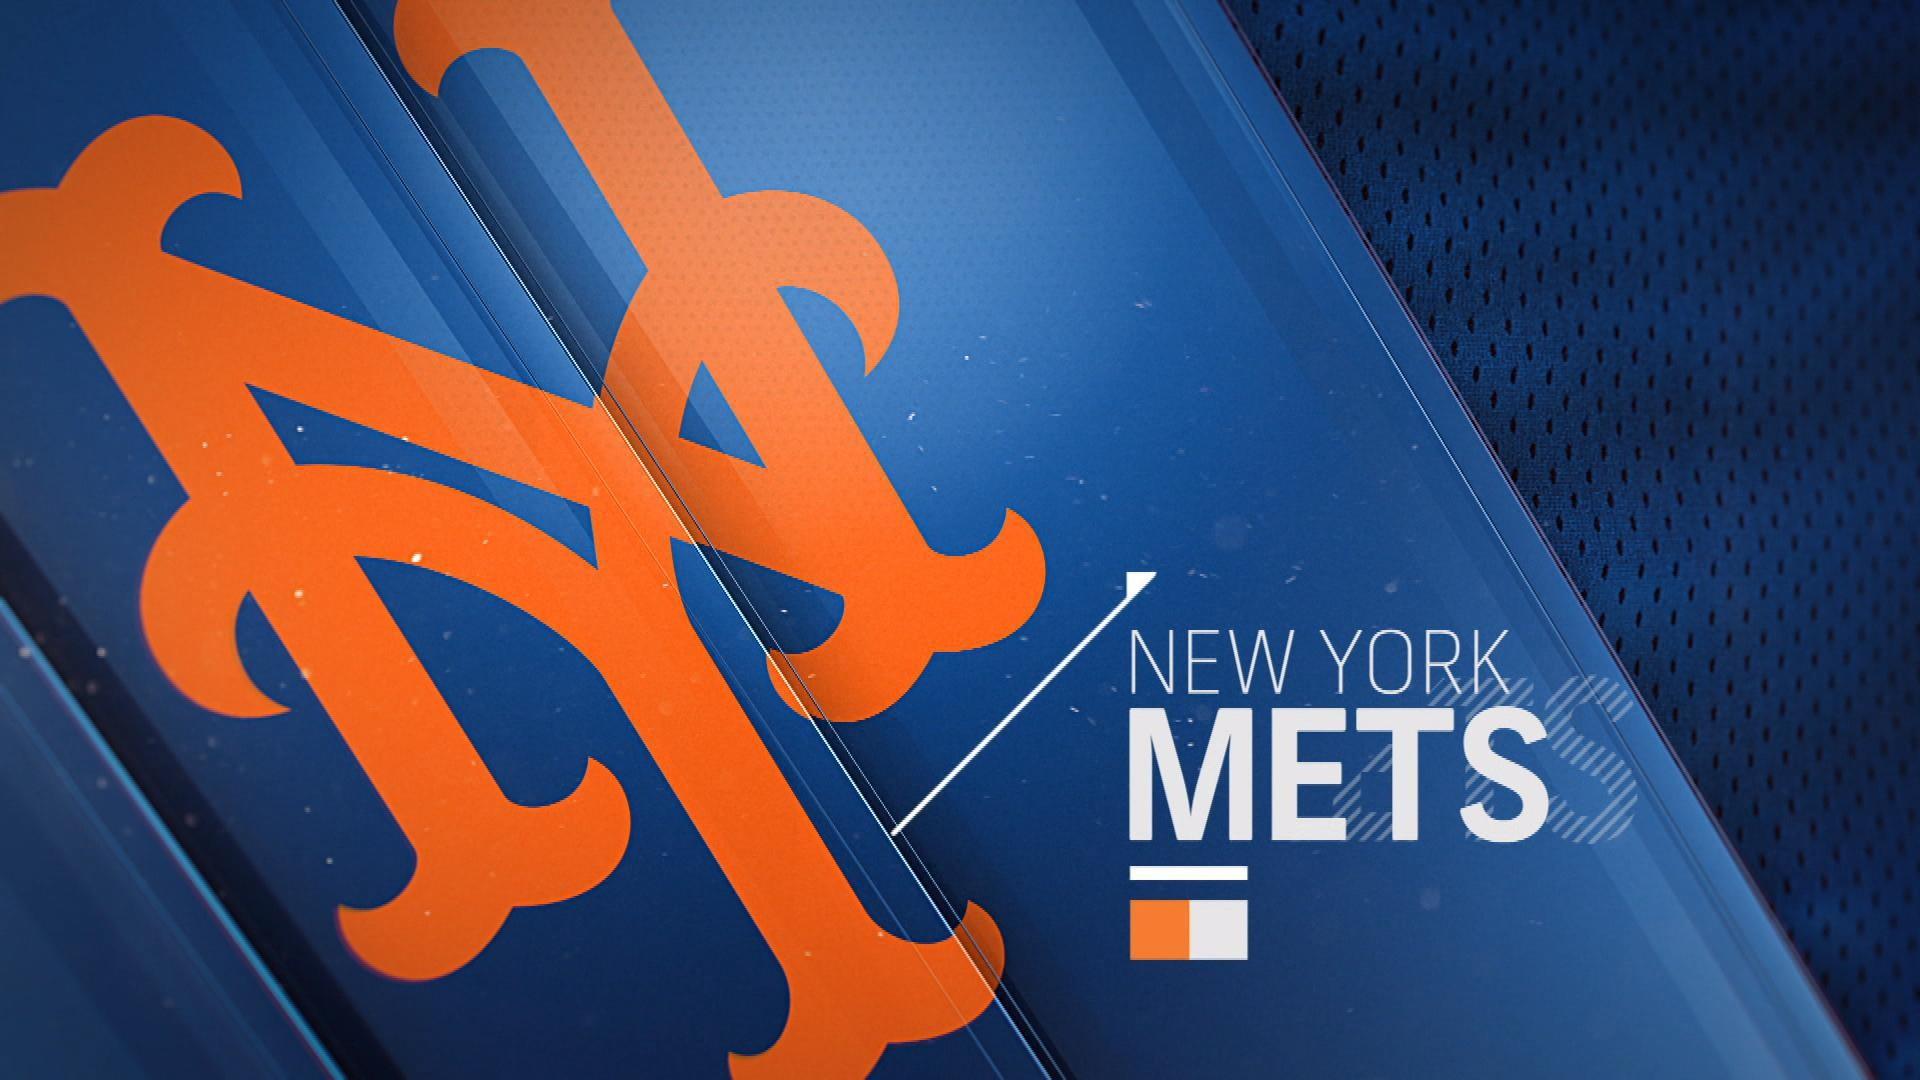 New York Mets 4K